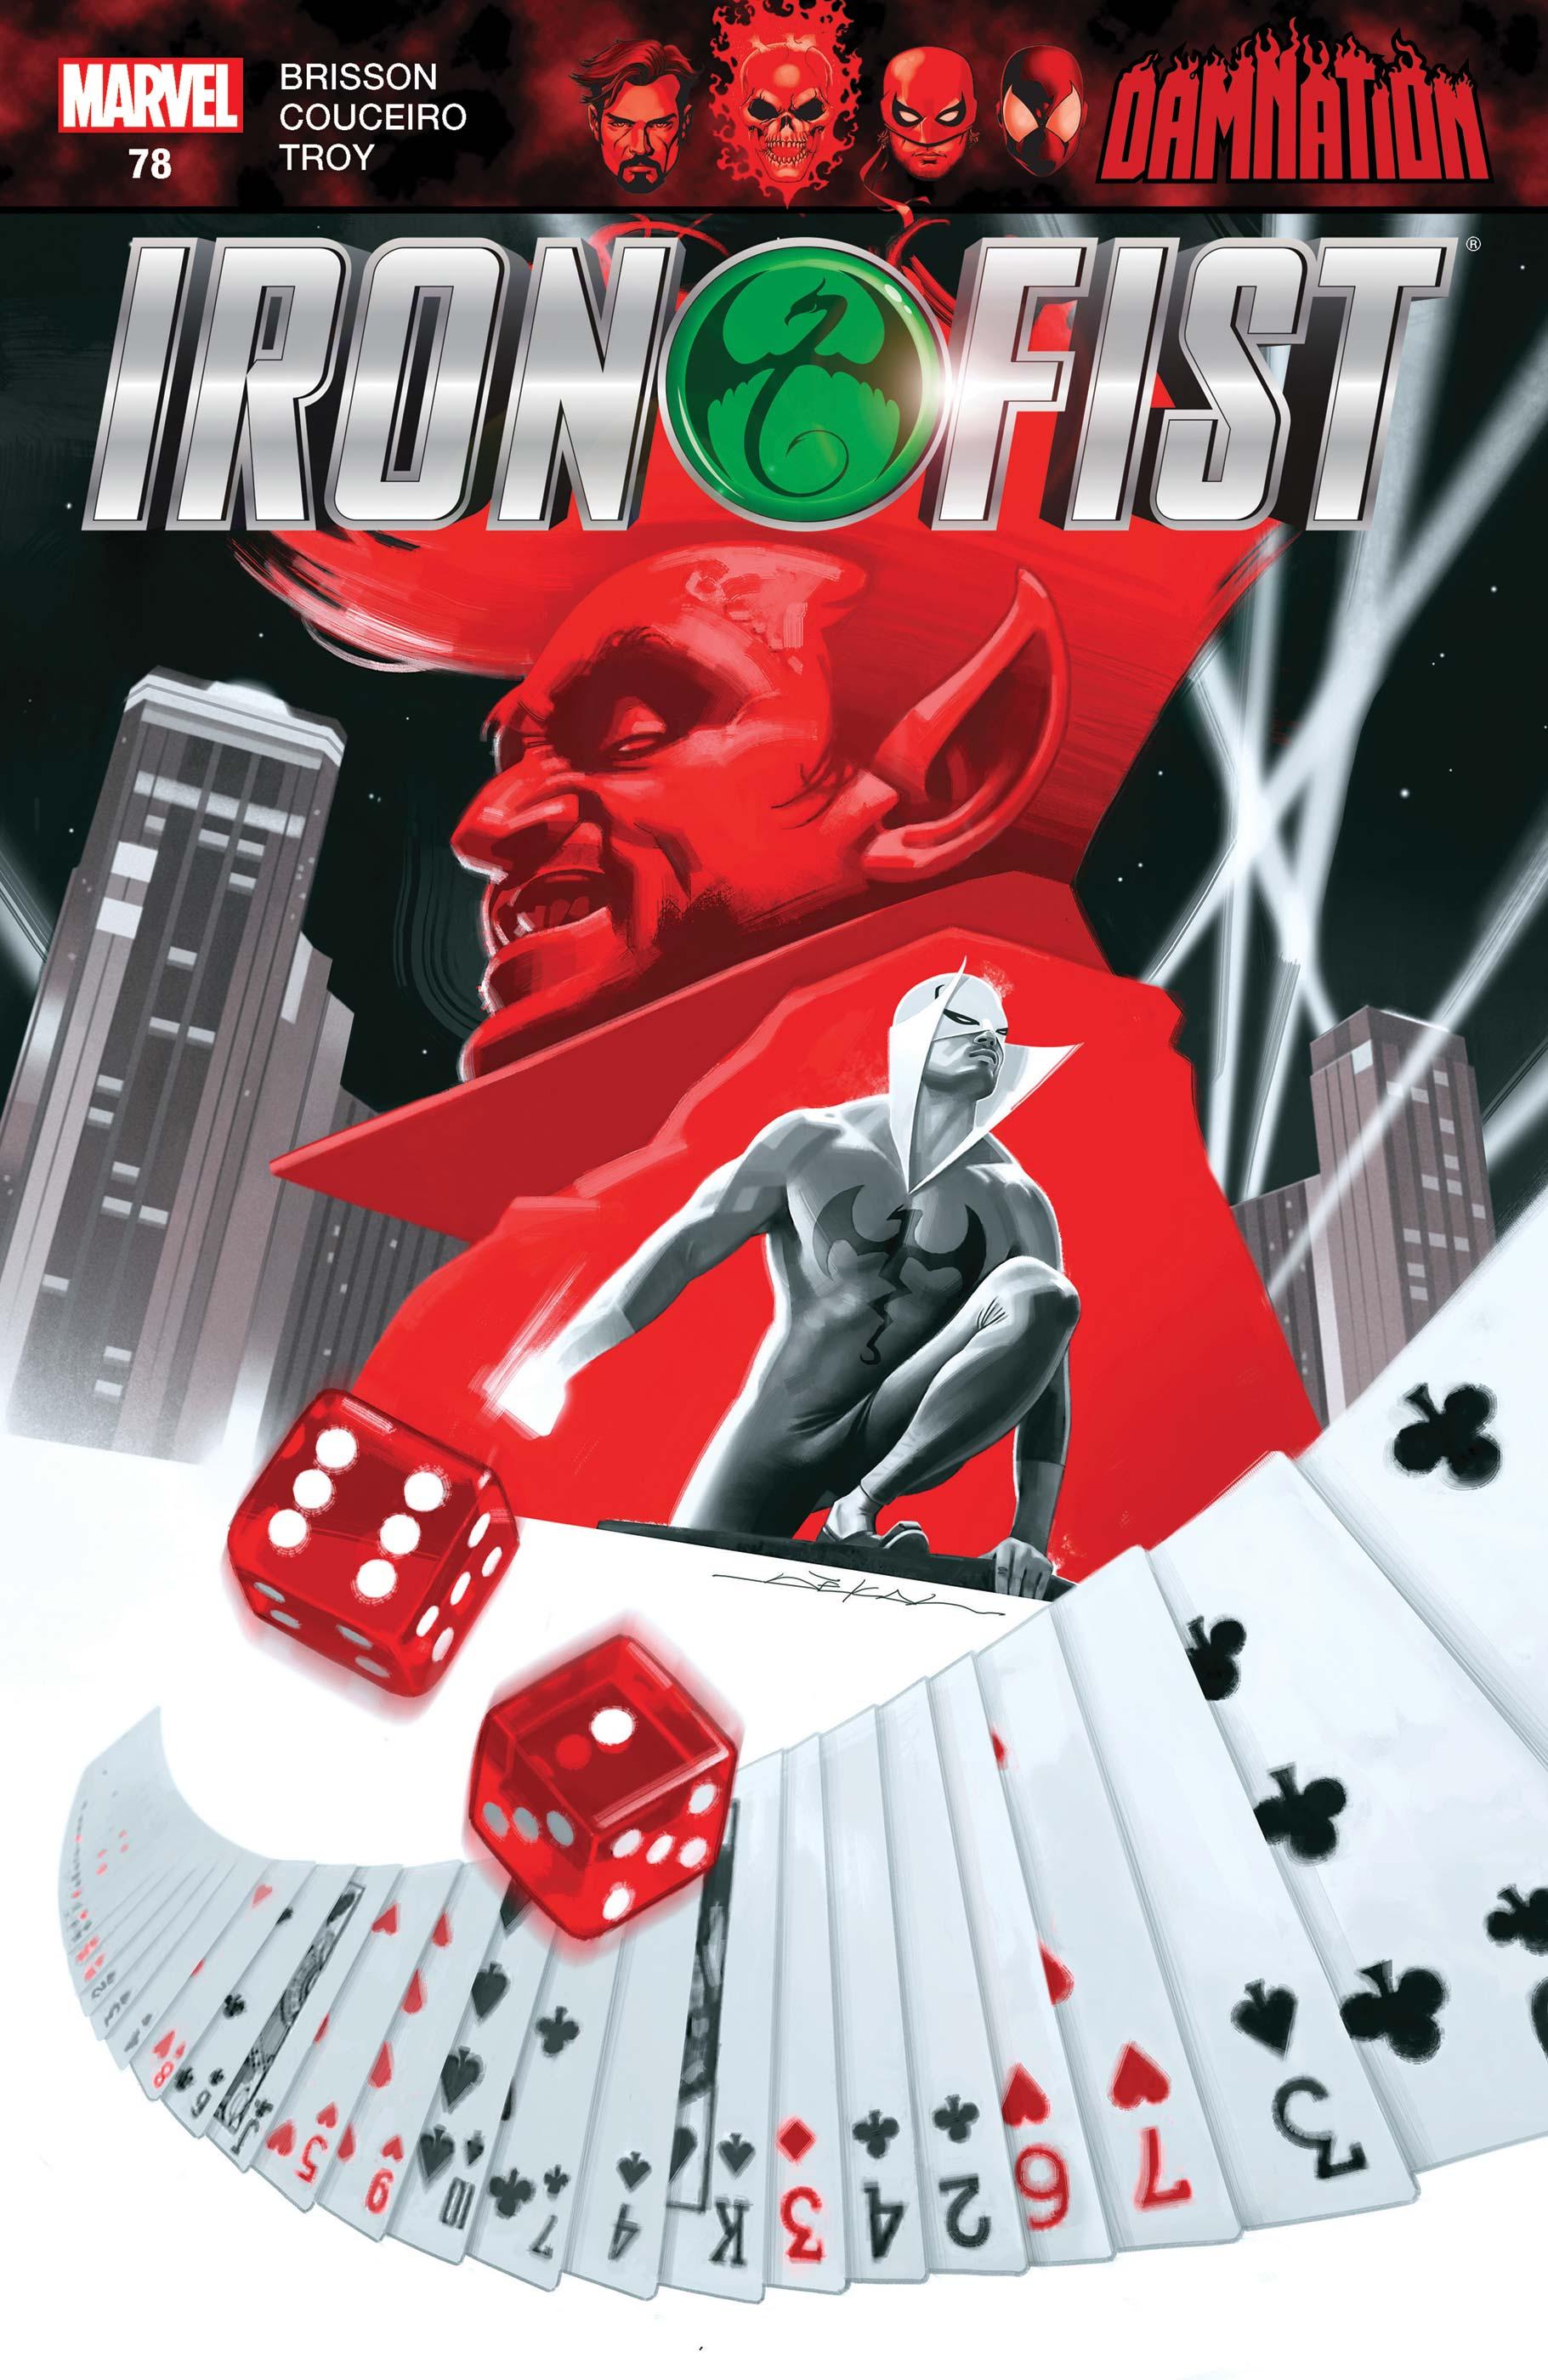 Iron Fist (2017) #78